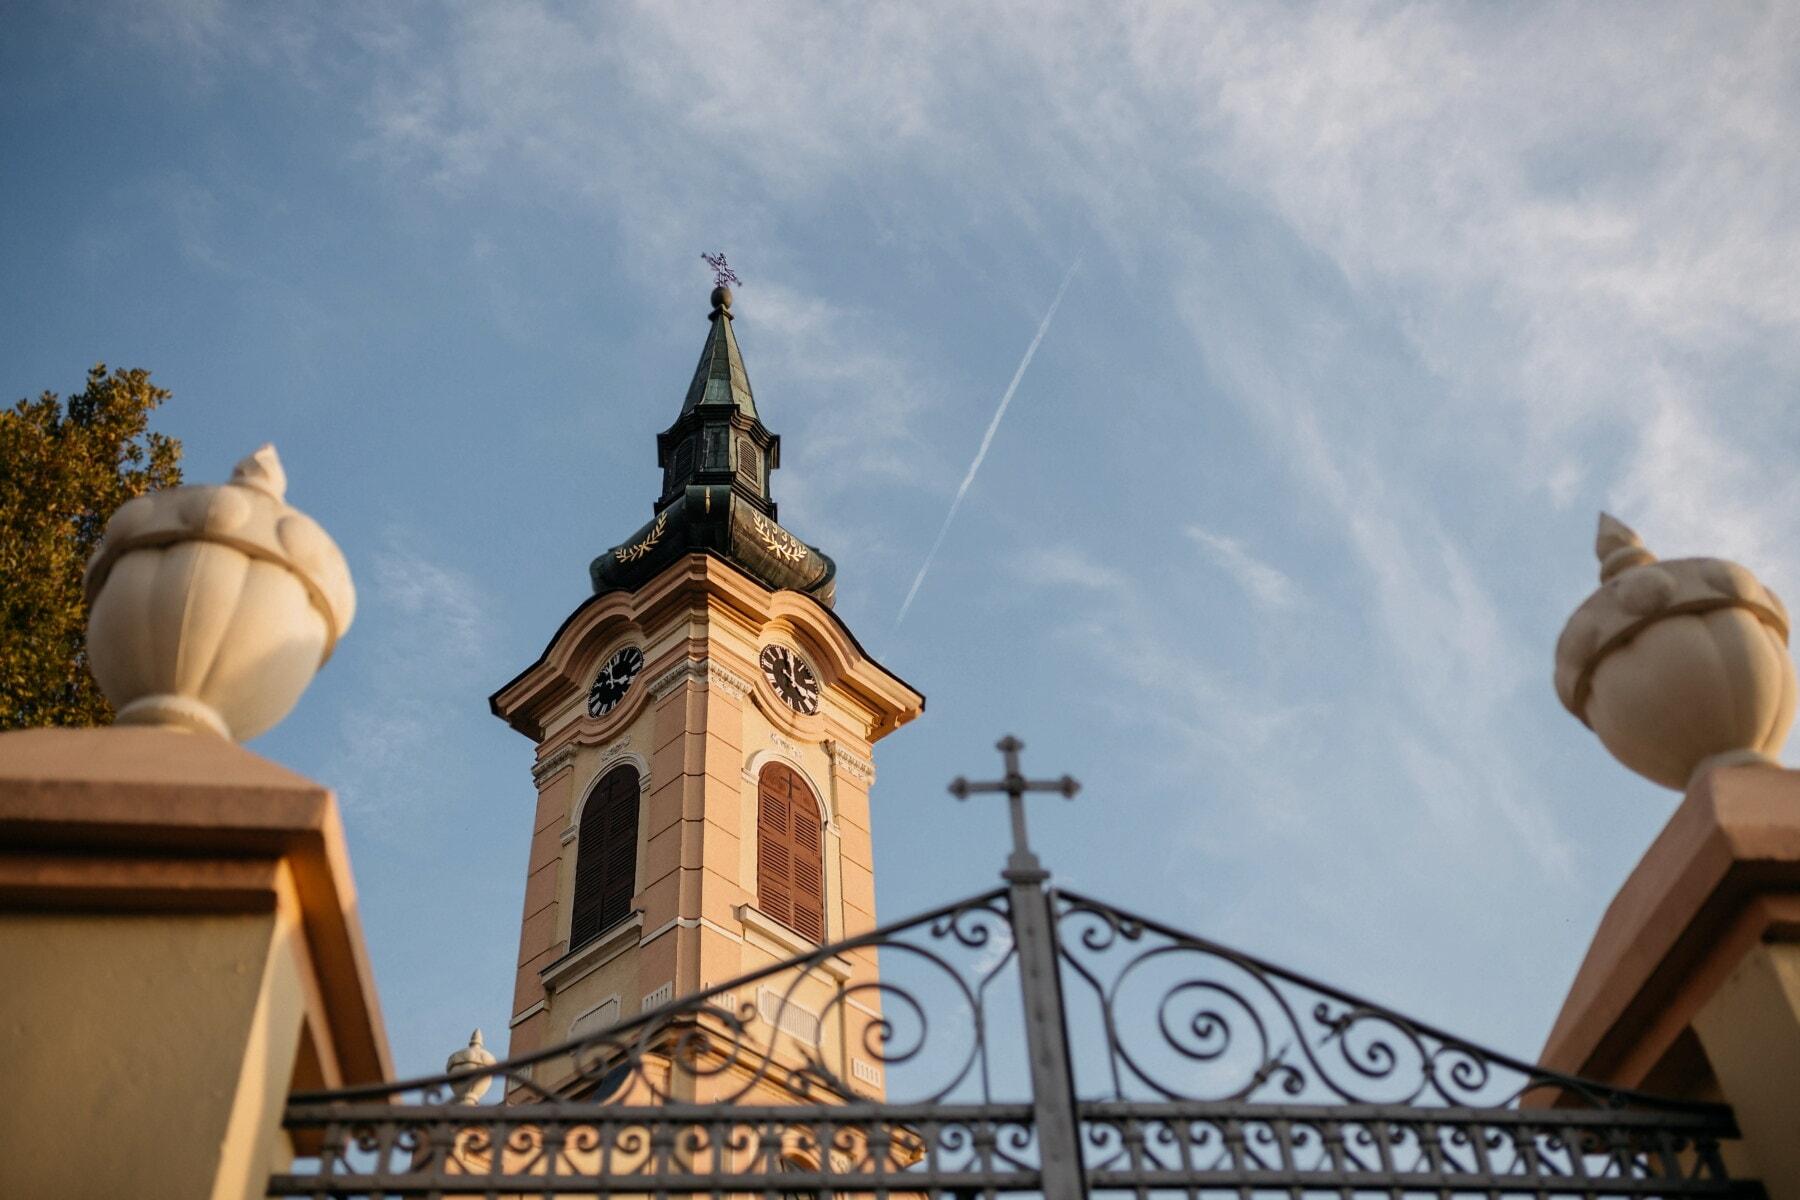 kostelní věž, ortodoxní, plot, přední dveře, litina, úhel, roh, architektura, Katedrála, kostel